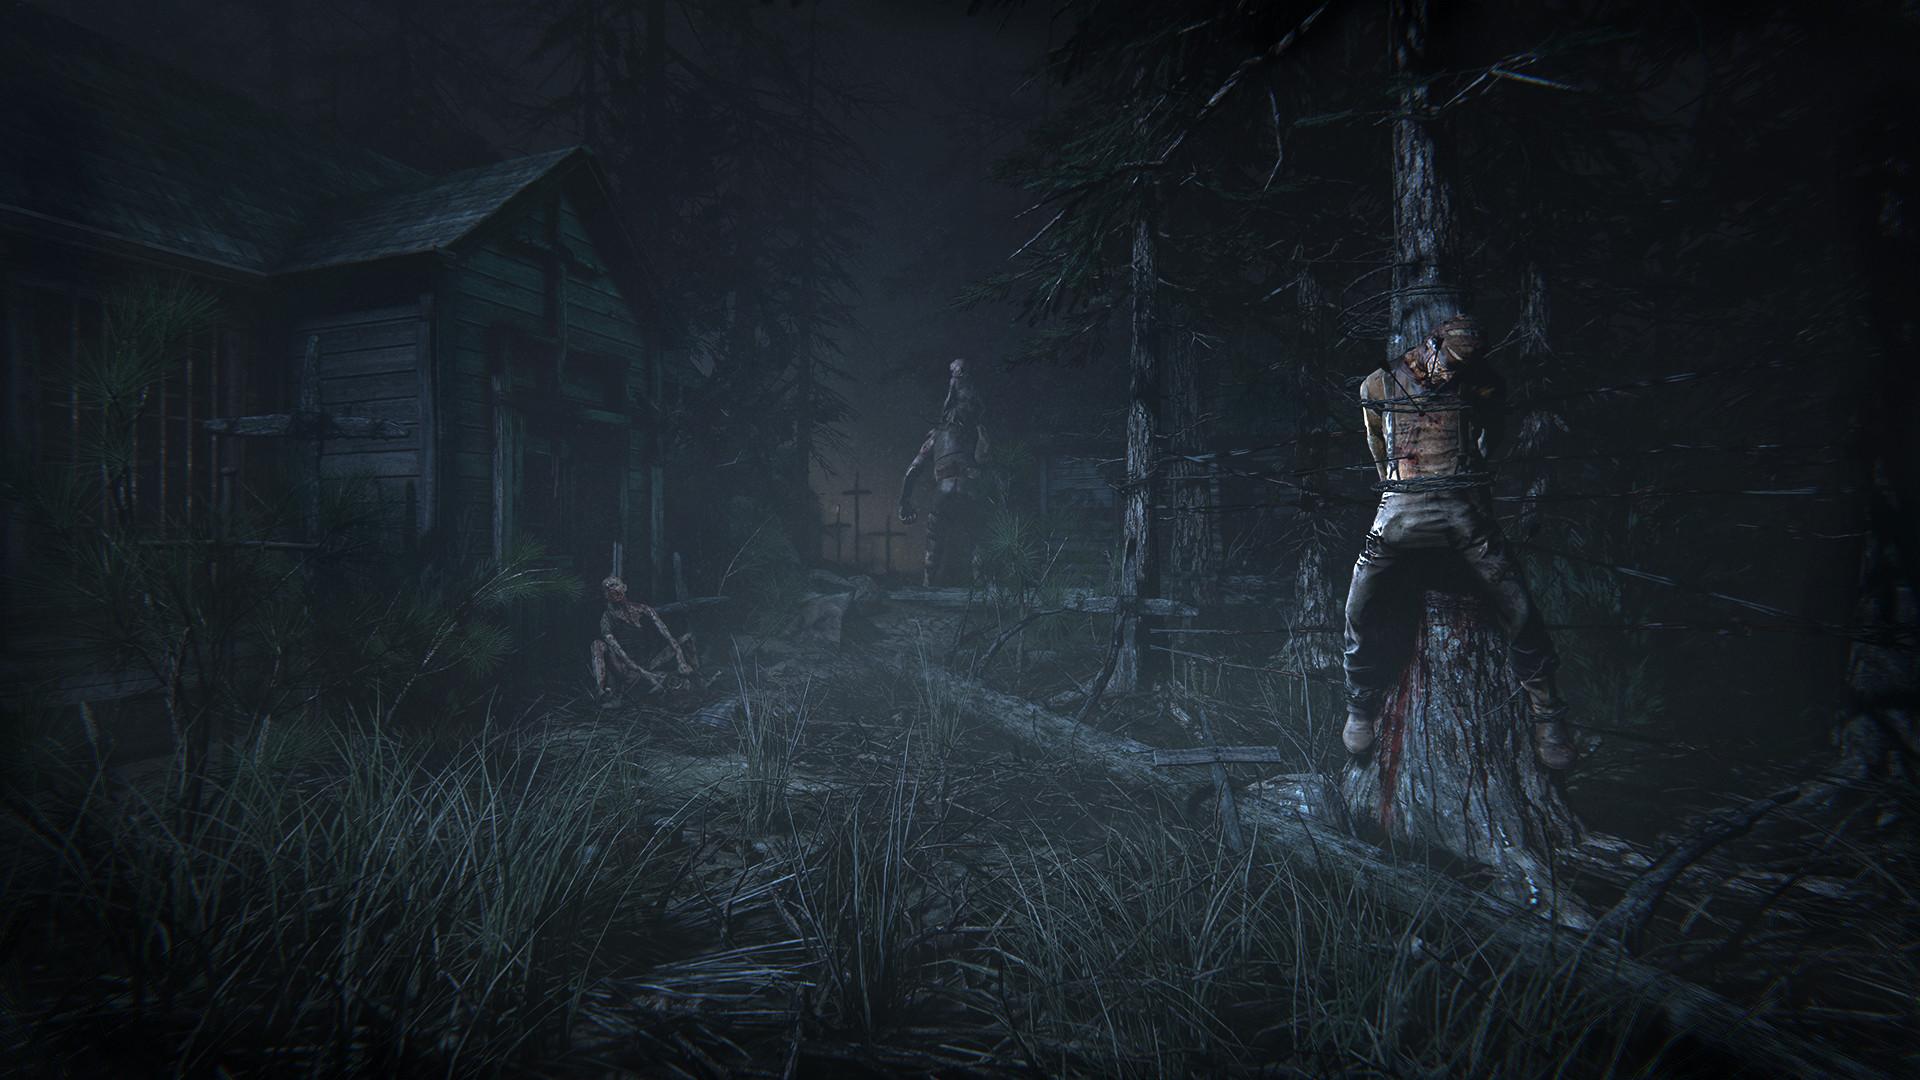 Самые лучшие хоррор игры - Outlast 2